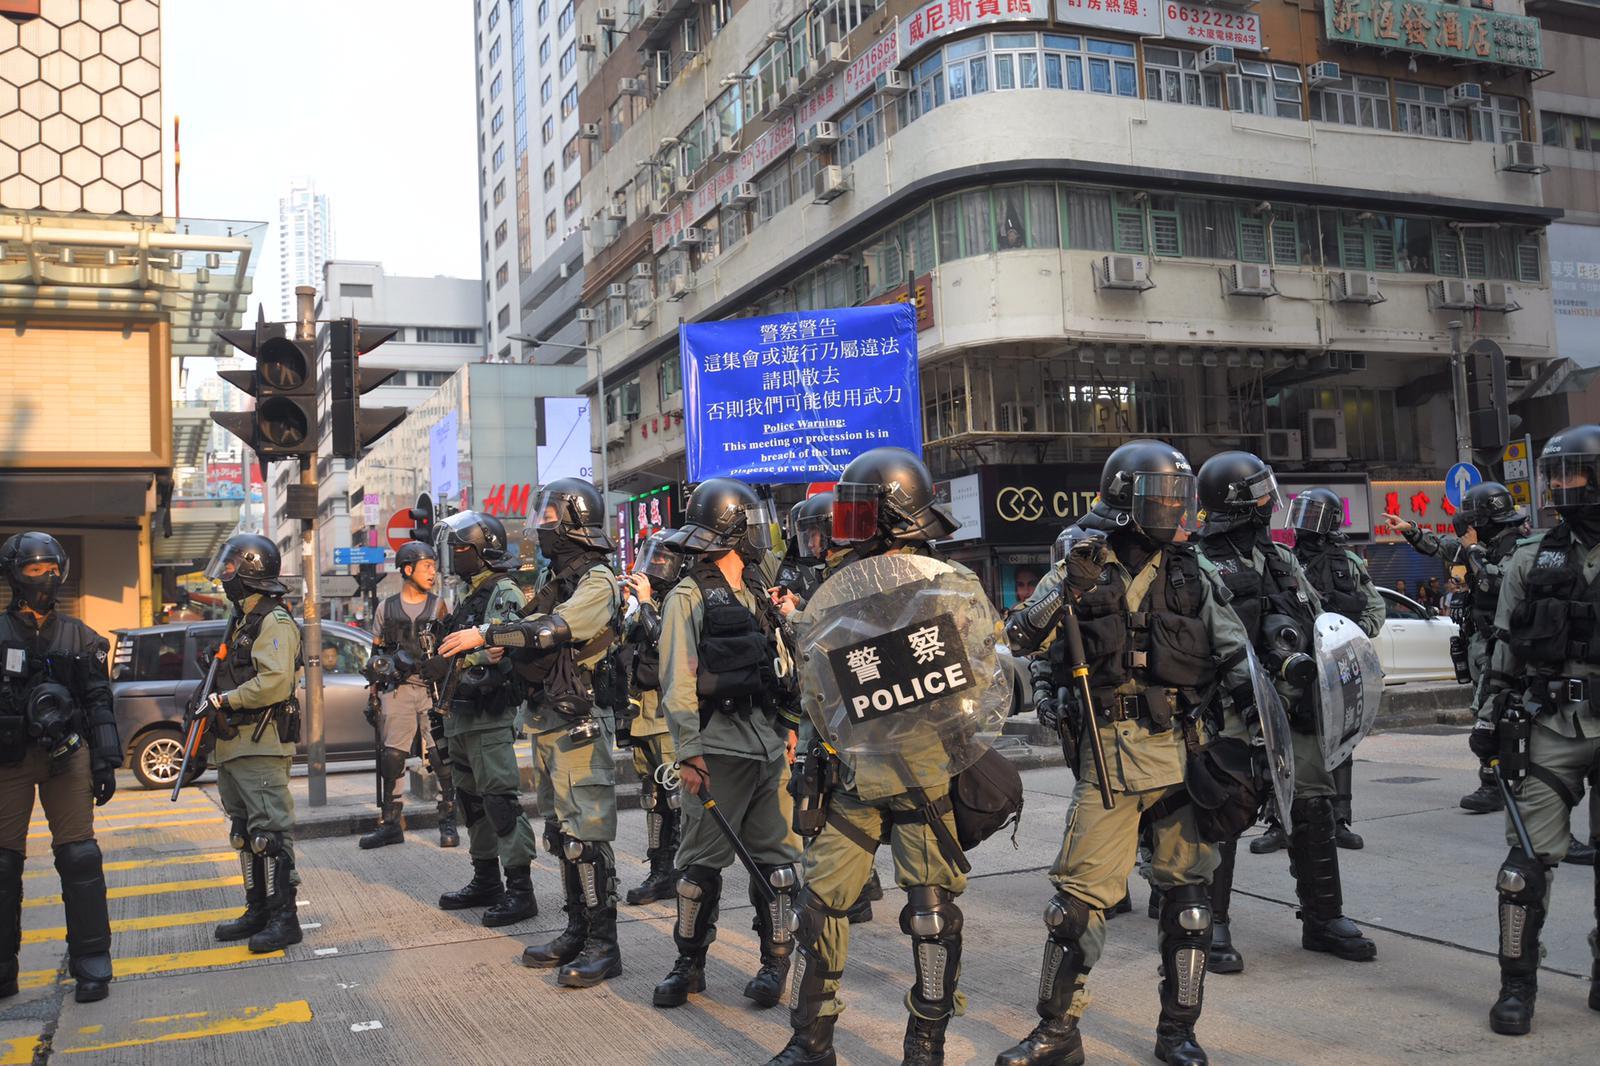 鄧炳強相信事件是針對警員。資料圖片